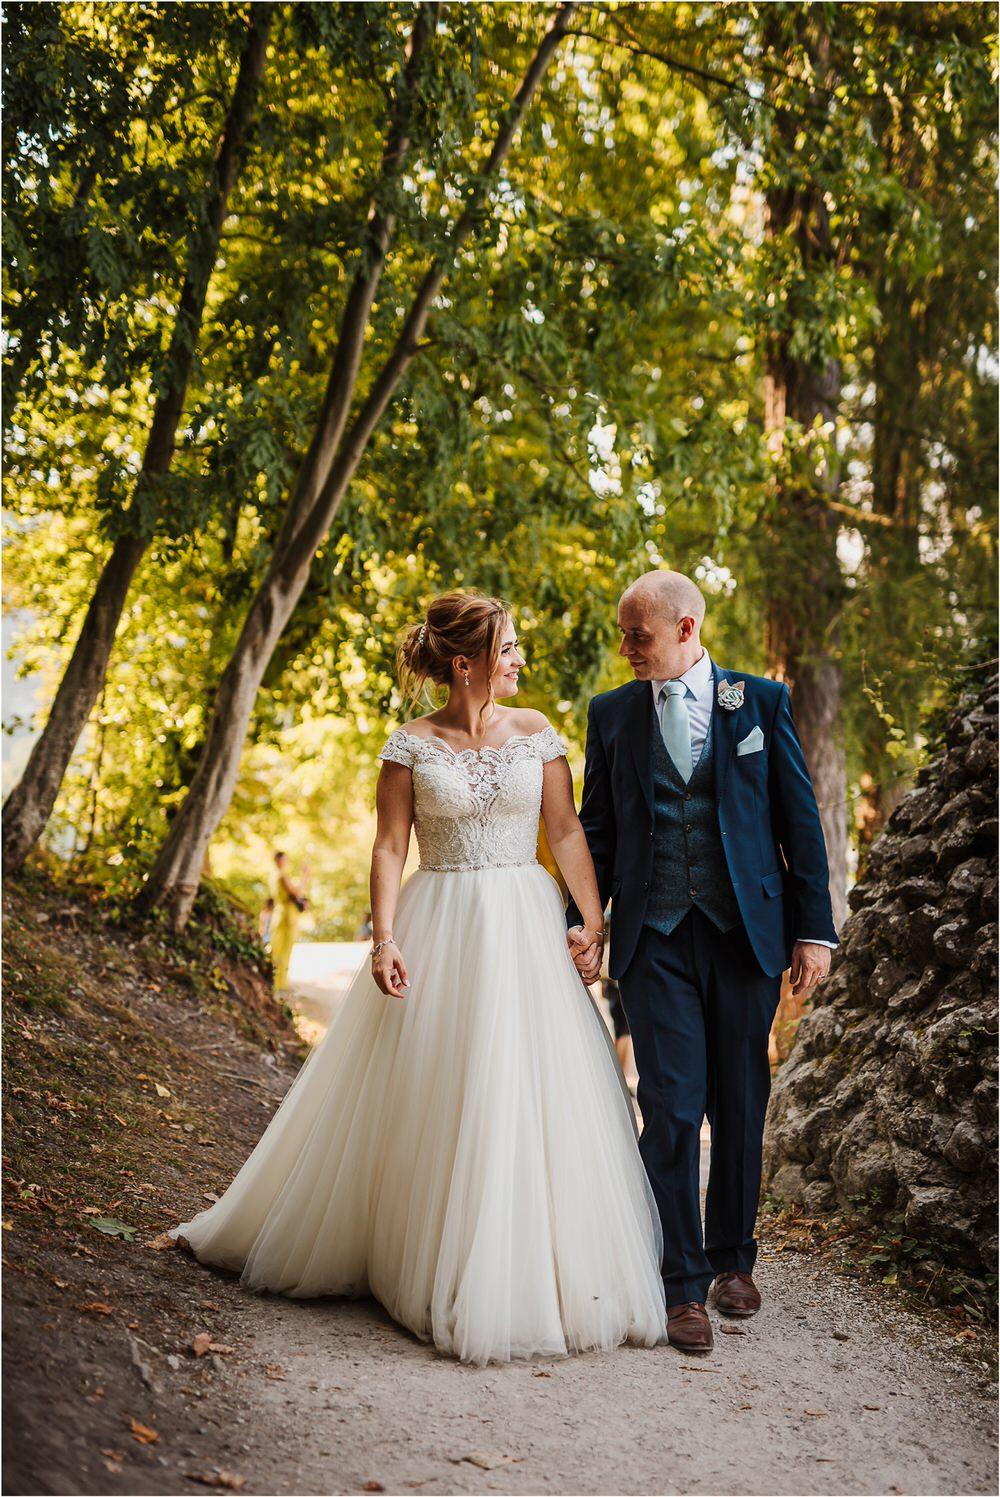 bled castle wedding poroka blejsko jezero jezersek adventure themed destination wedding photographer lake bled 0066.jpg